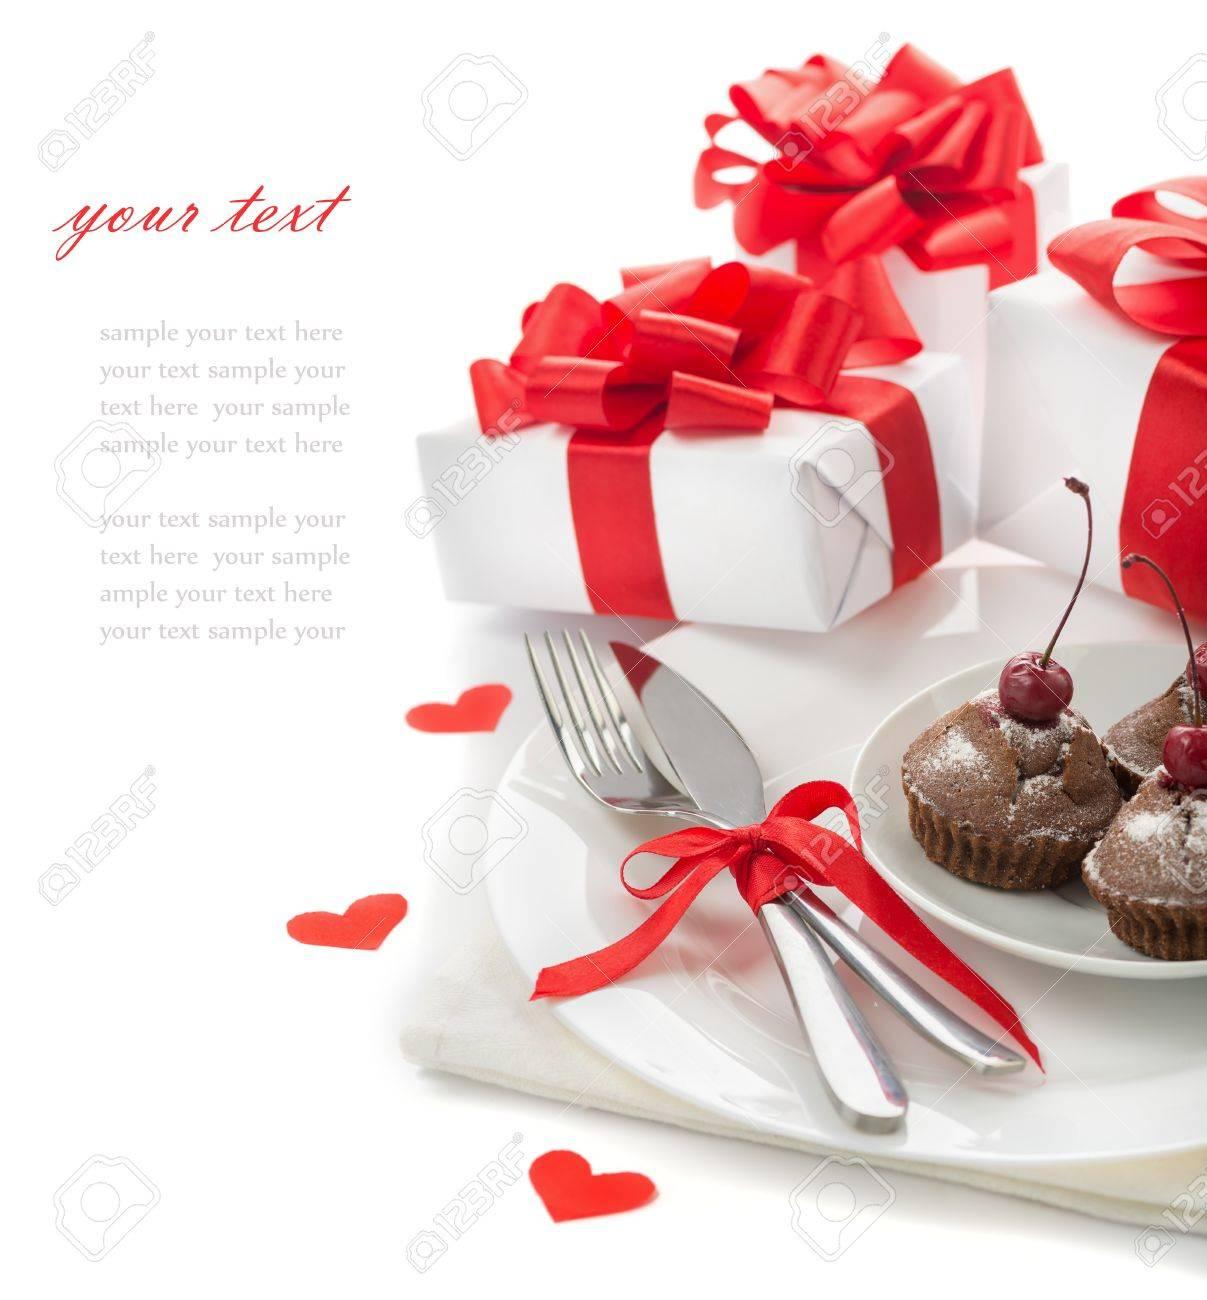 Das Konzept Des Ferien Menu Zum Valentinstag Geburtstag Schatz 8